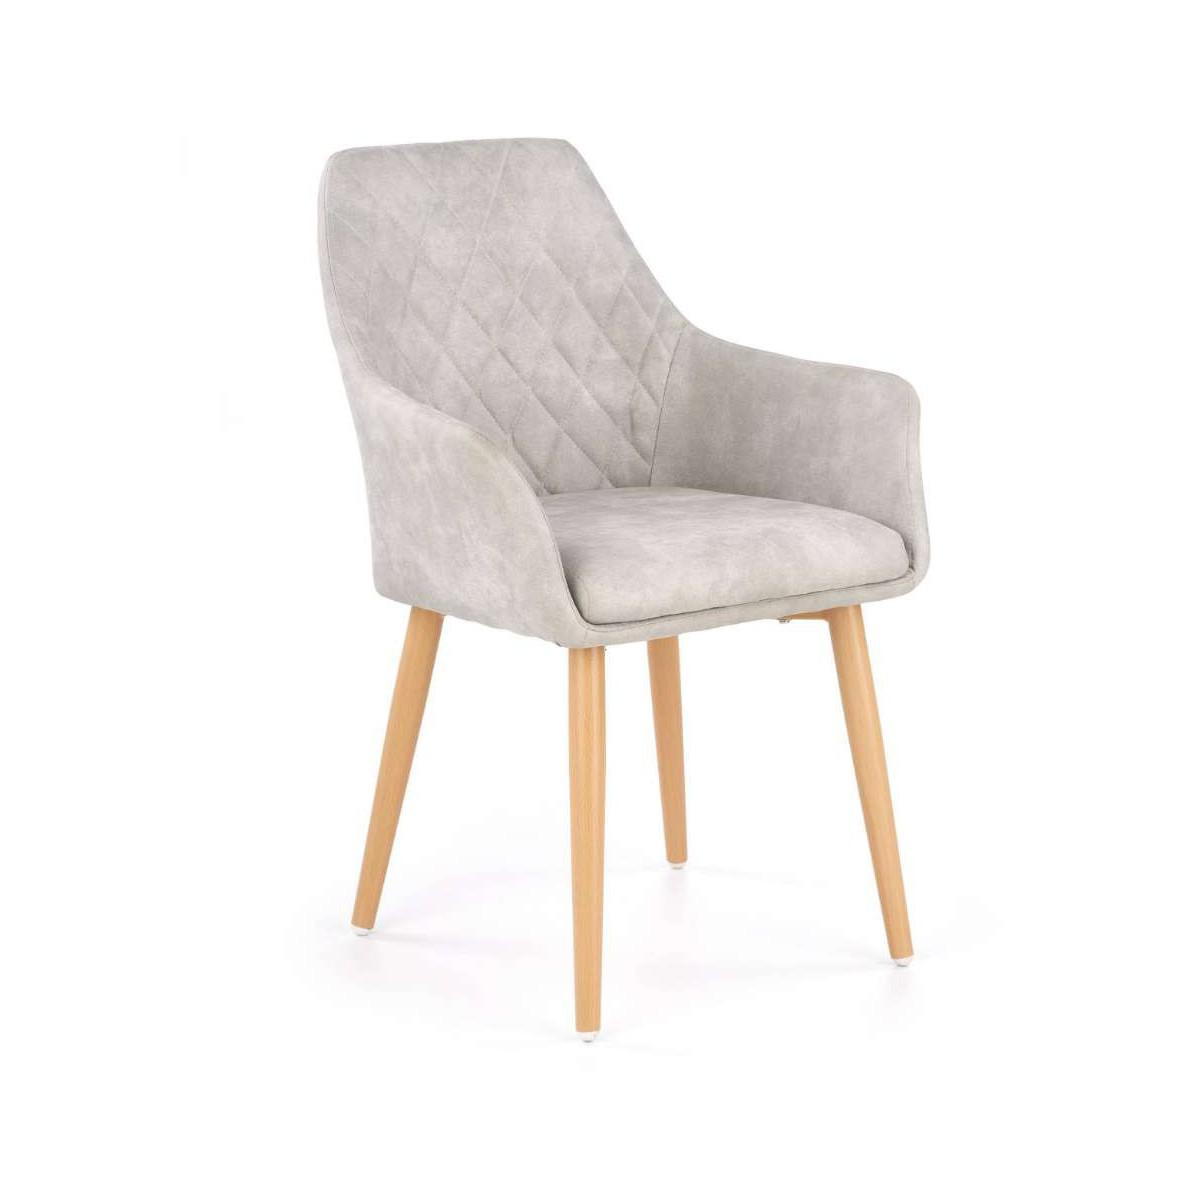 K287 krzesło popielate Halmar